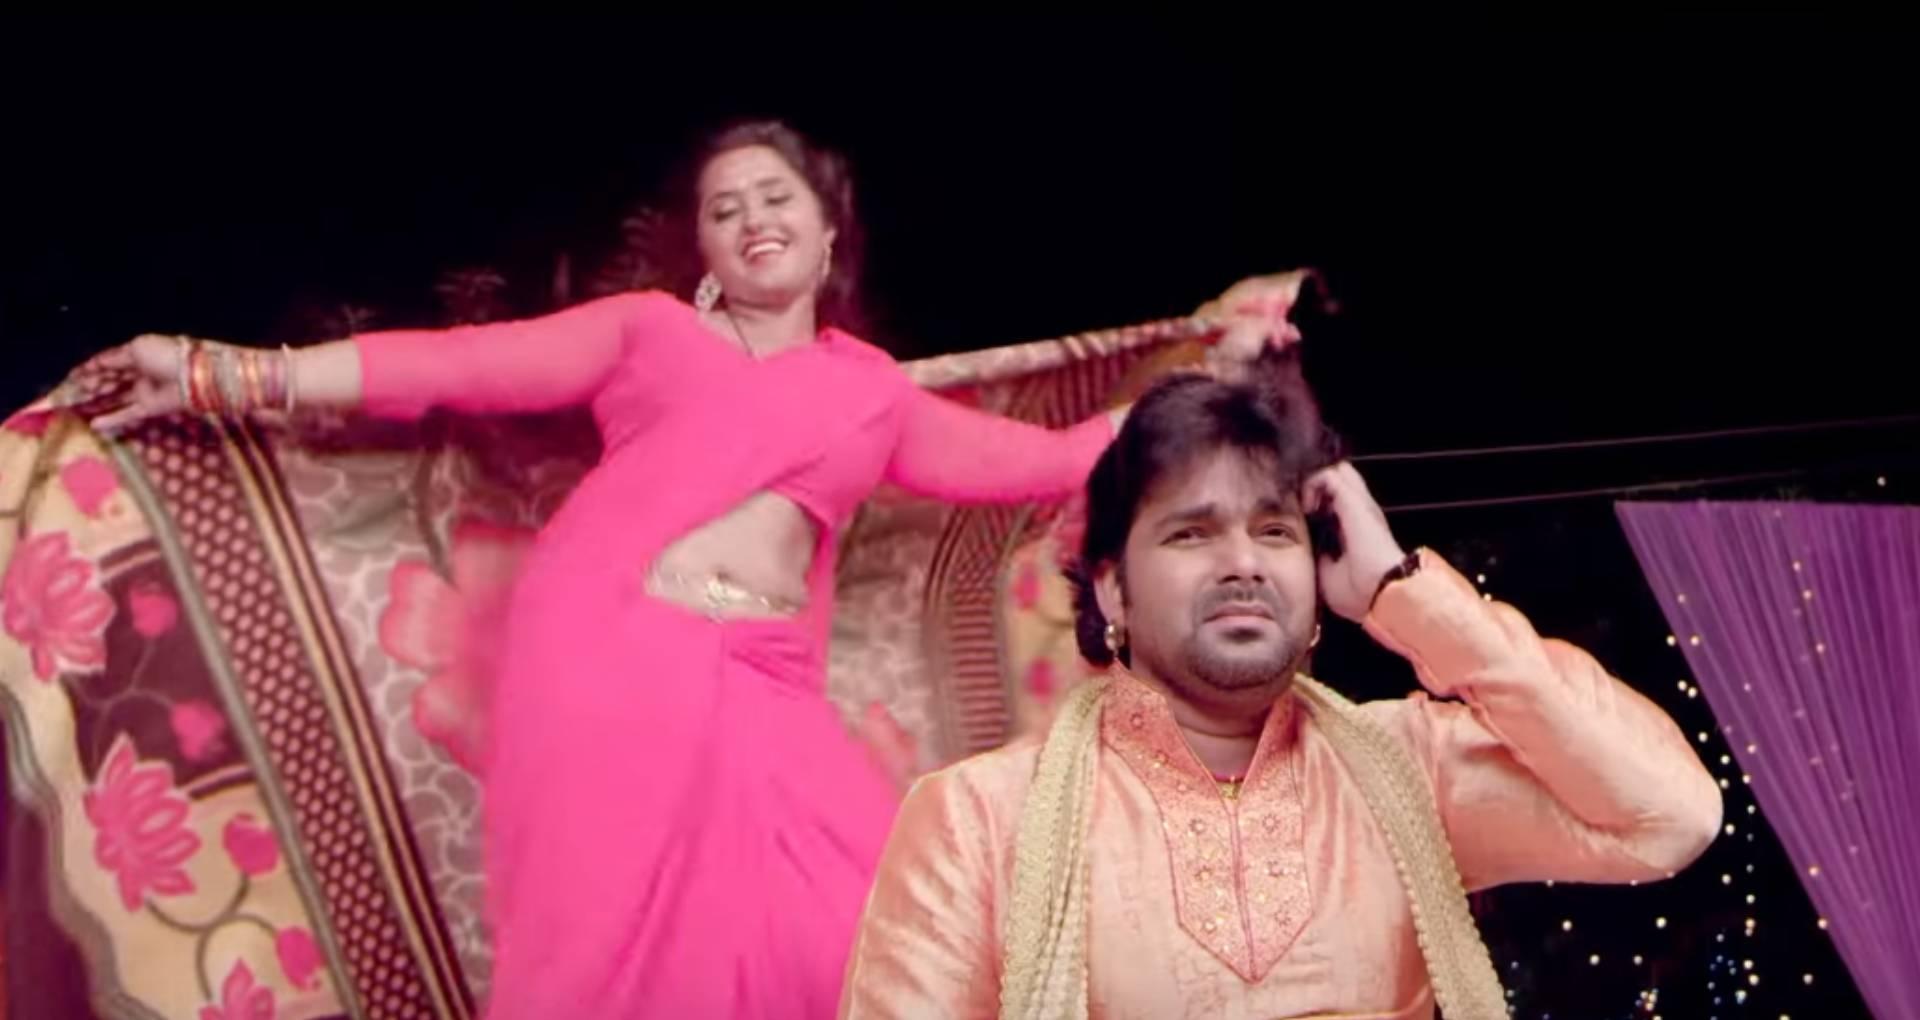 Aaj Kambal Mein Chambal Song: रूठे पवन सिंह को ऐसे मना रही हैं काजल राघवानी, देखिए ये रोमेंटिक सॉन्ग